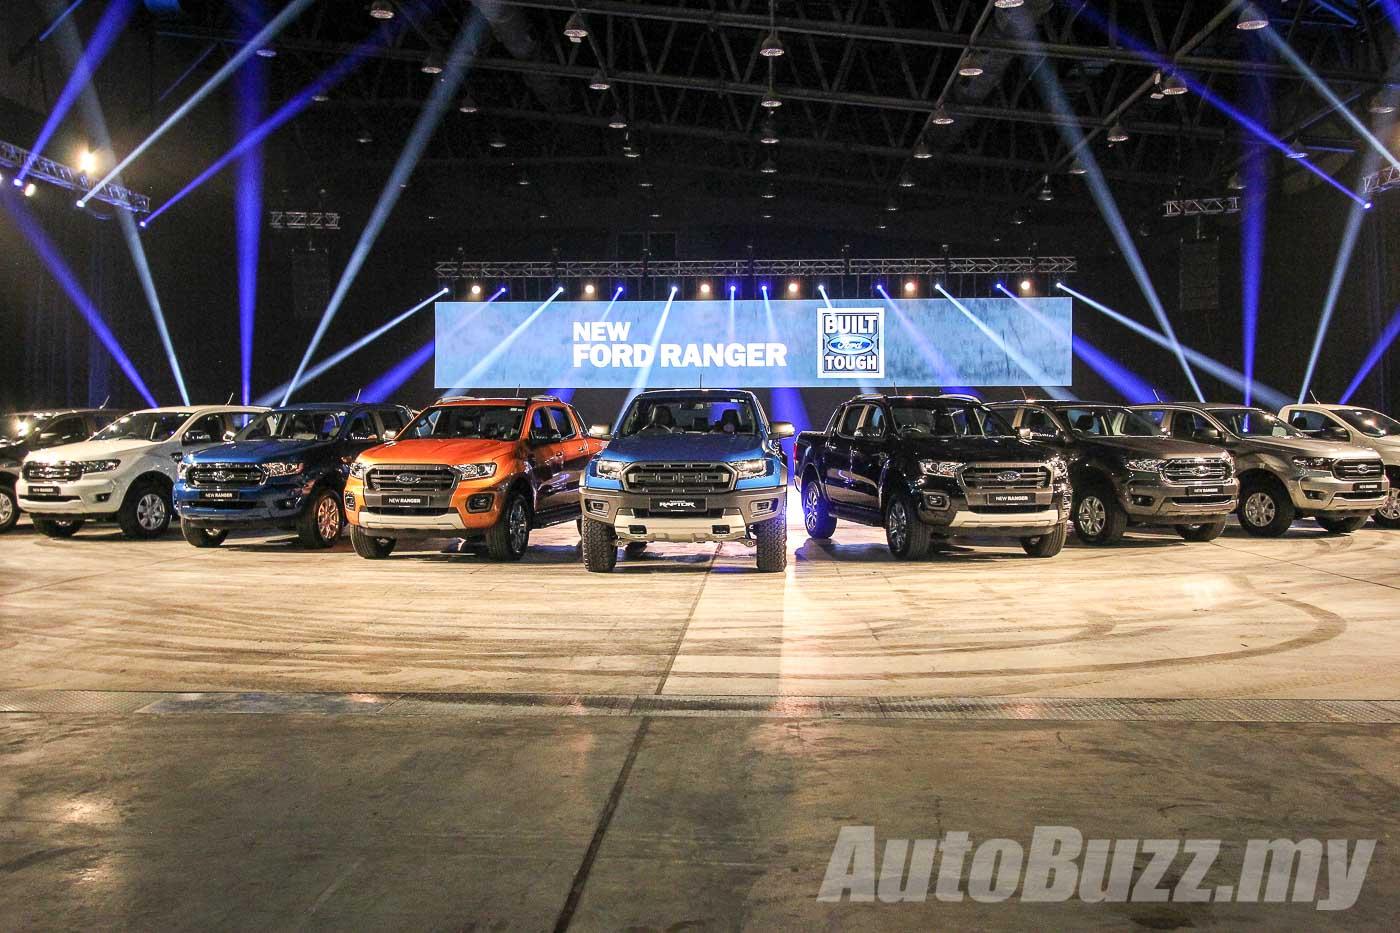 Ford Ranger line-up, including XL, XLT, WildTrak, and Raptor